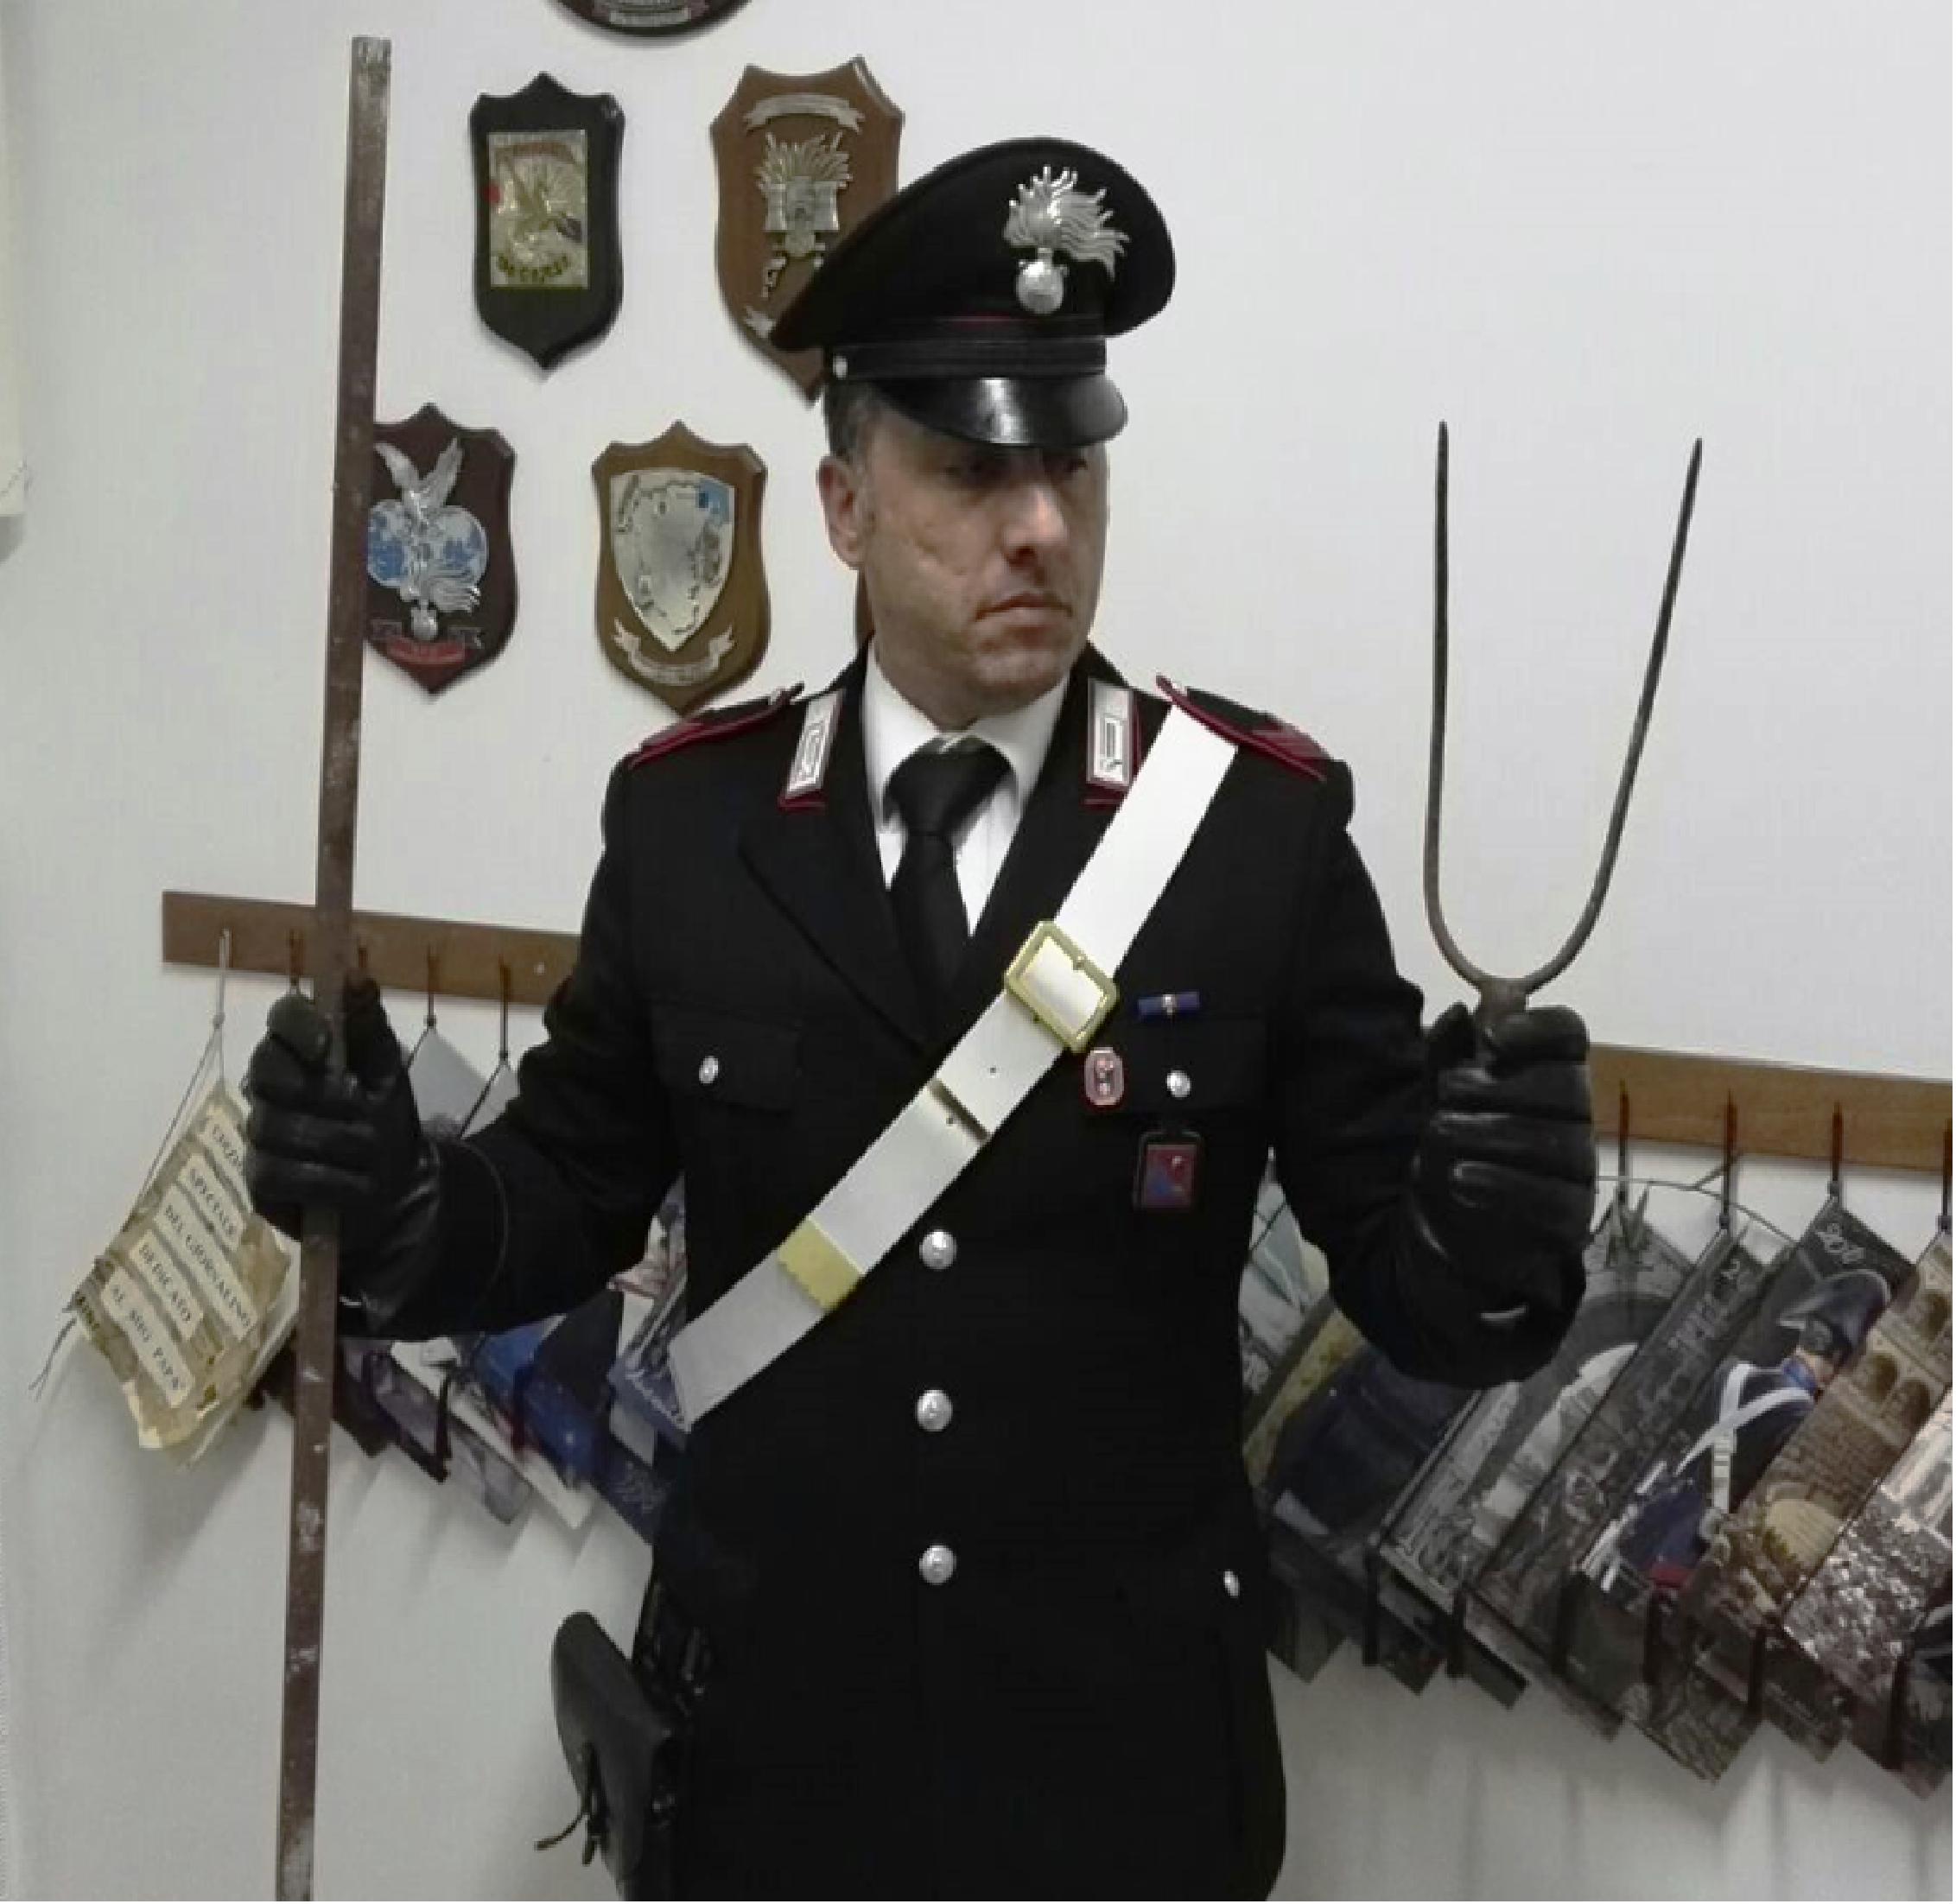 Scoperto a rubare caccia i carabinieri con un forcone